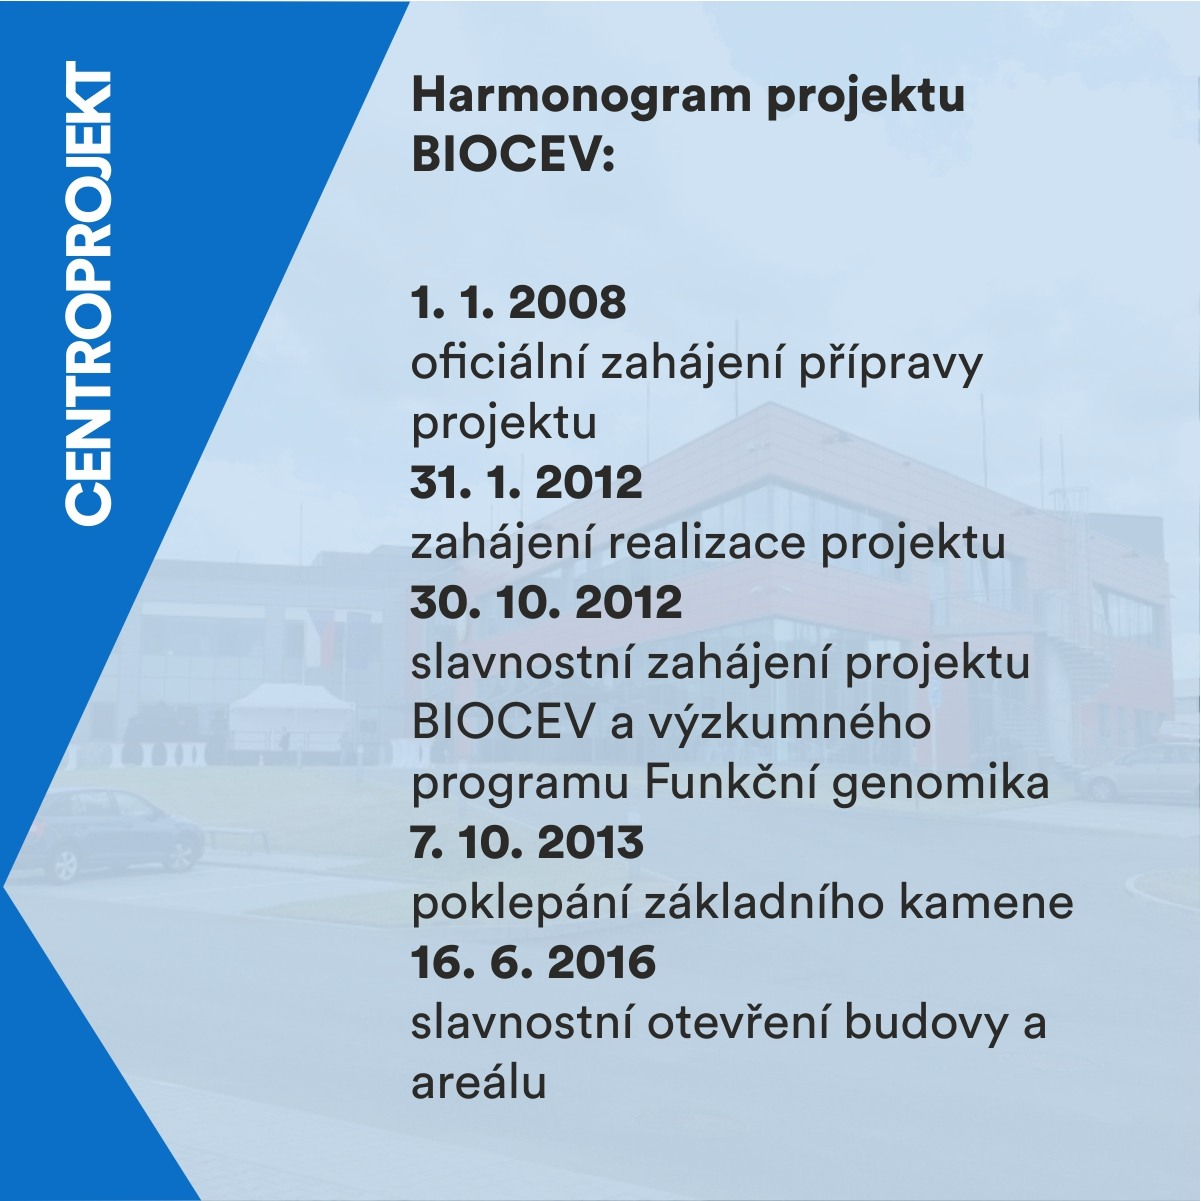 Harmonogram projektu BIOCEV